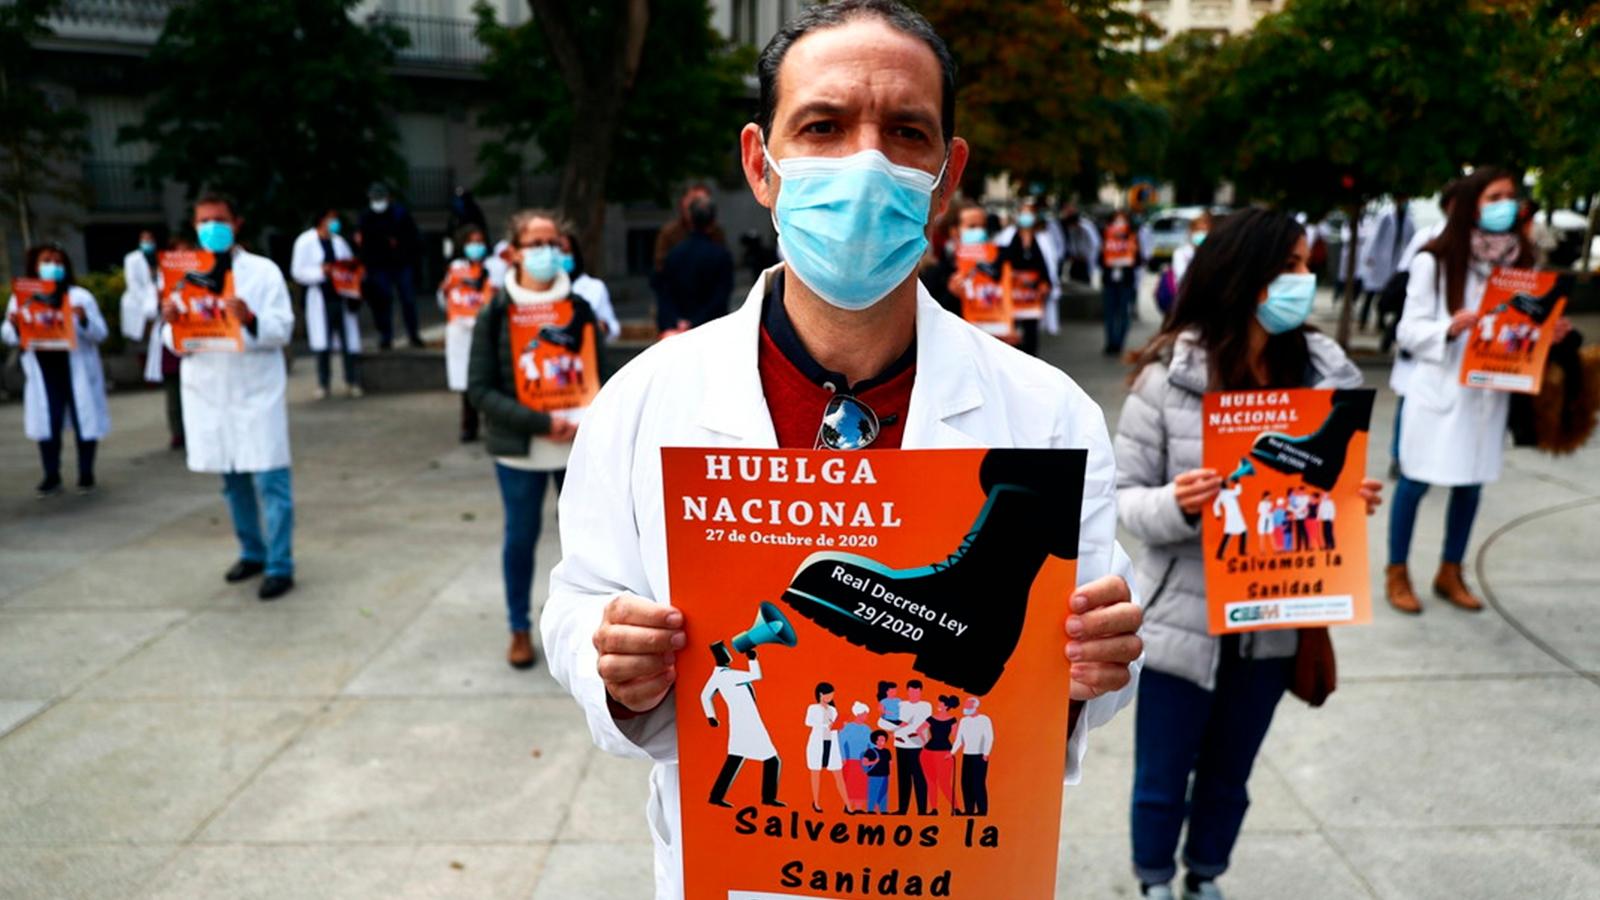 Los médicos en España van a huelga, después de 25 años, por condiciones de la Sanidad y un decreto que atenta contra su labor / REUTERS